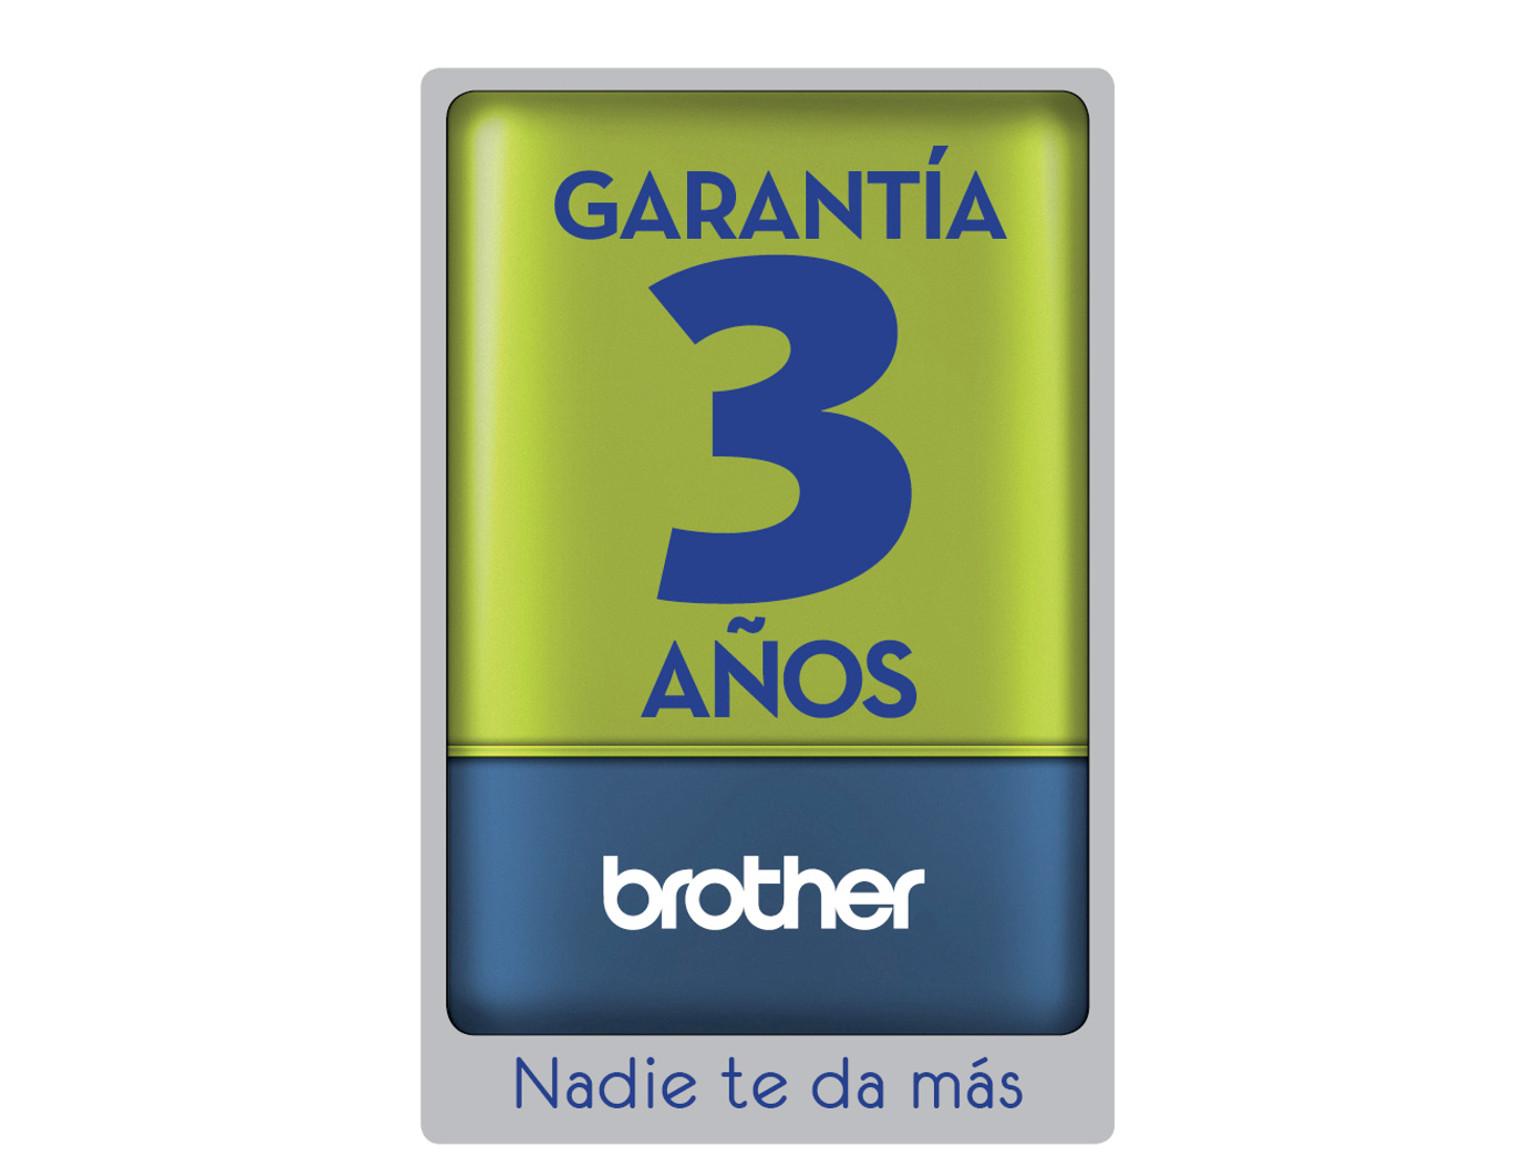 Garantía 3 años Brother. Nadie te da más